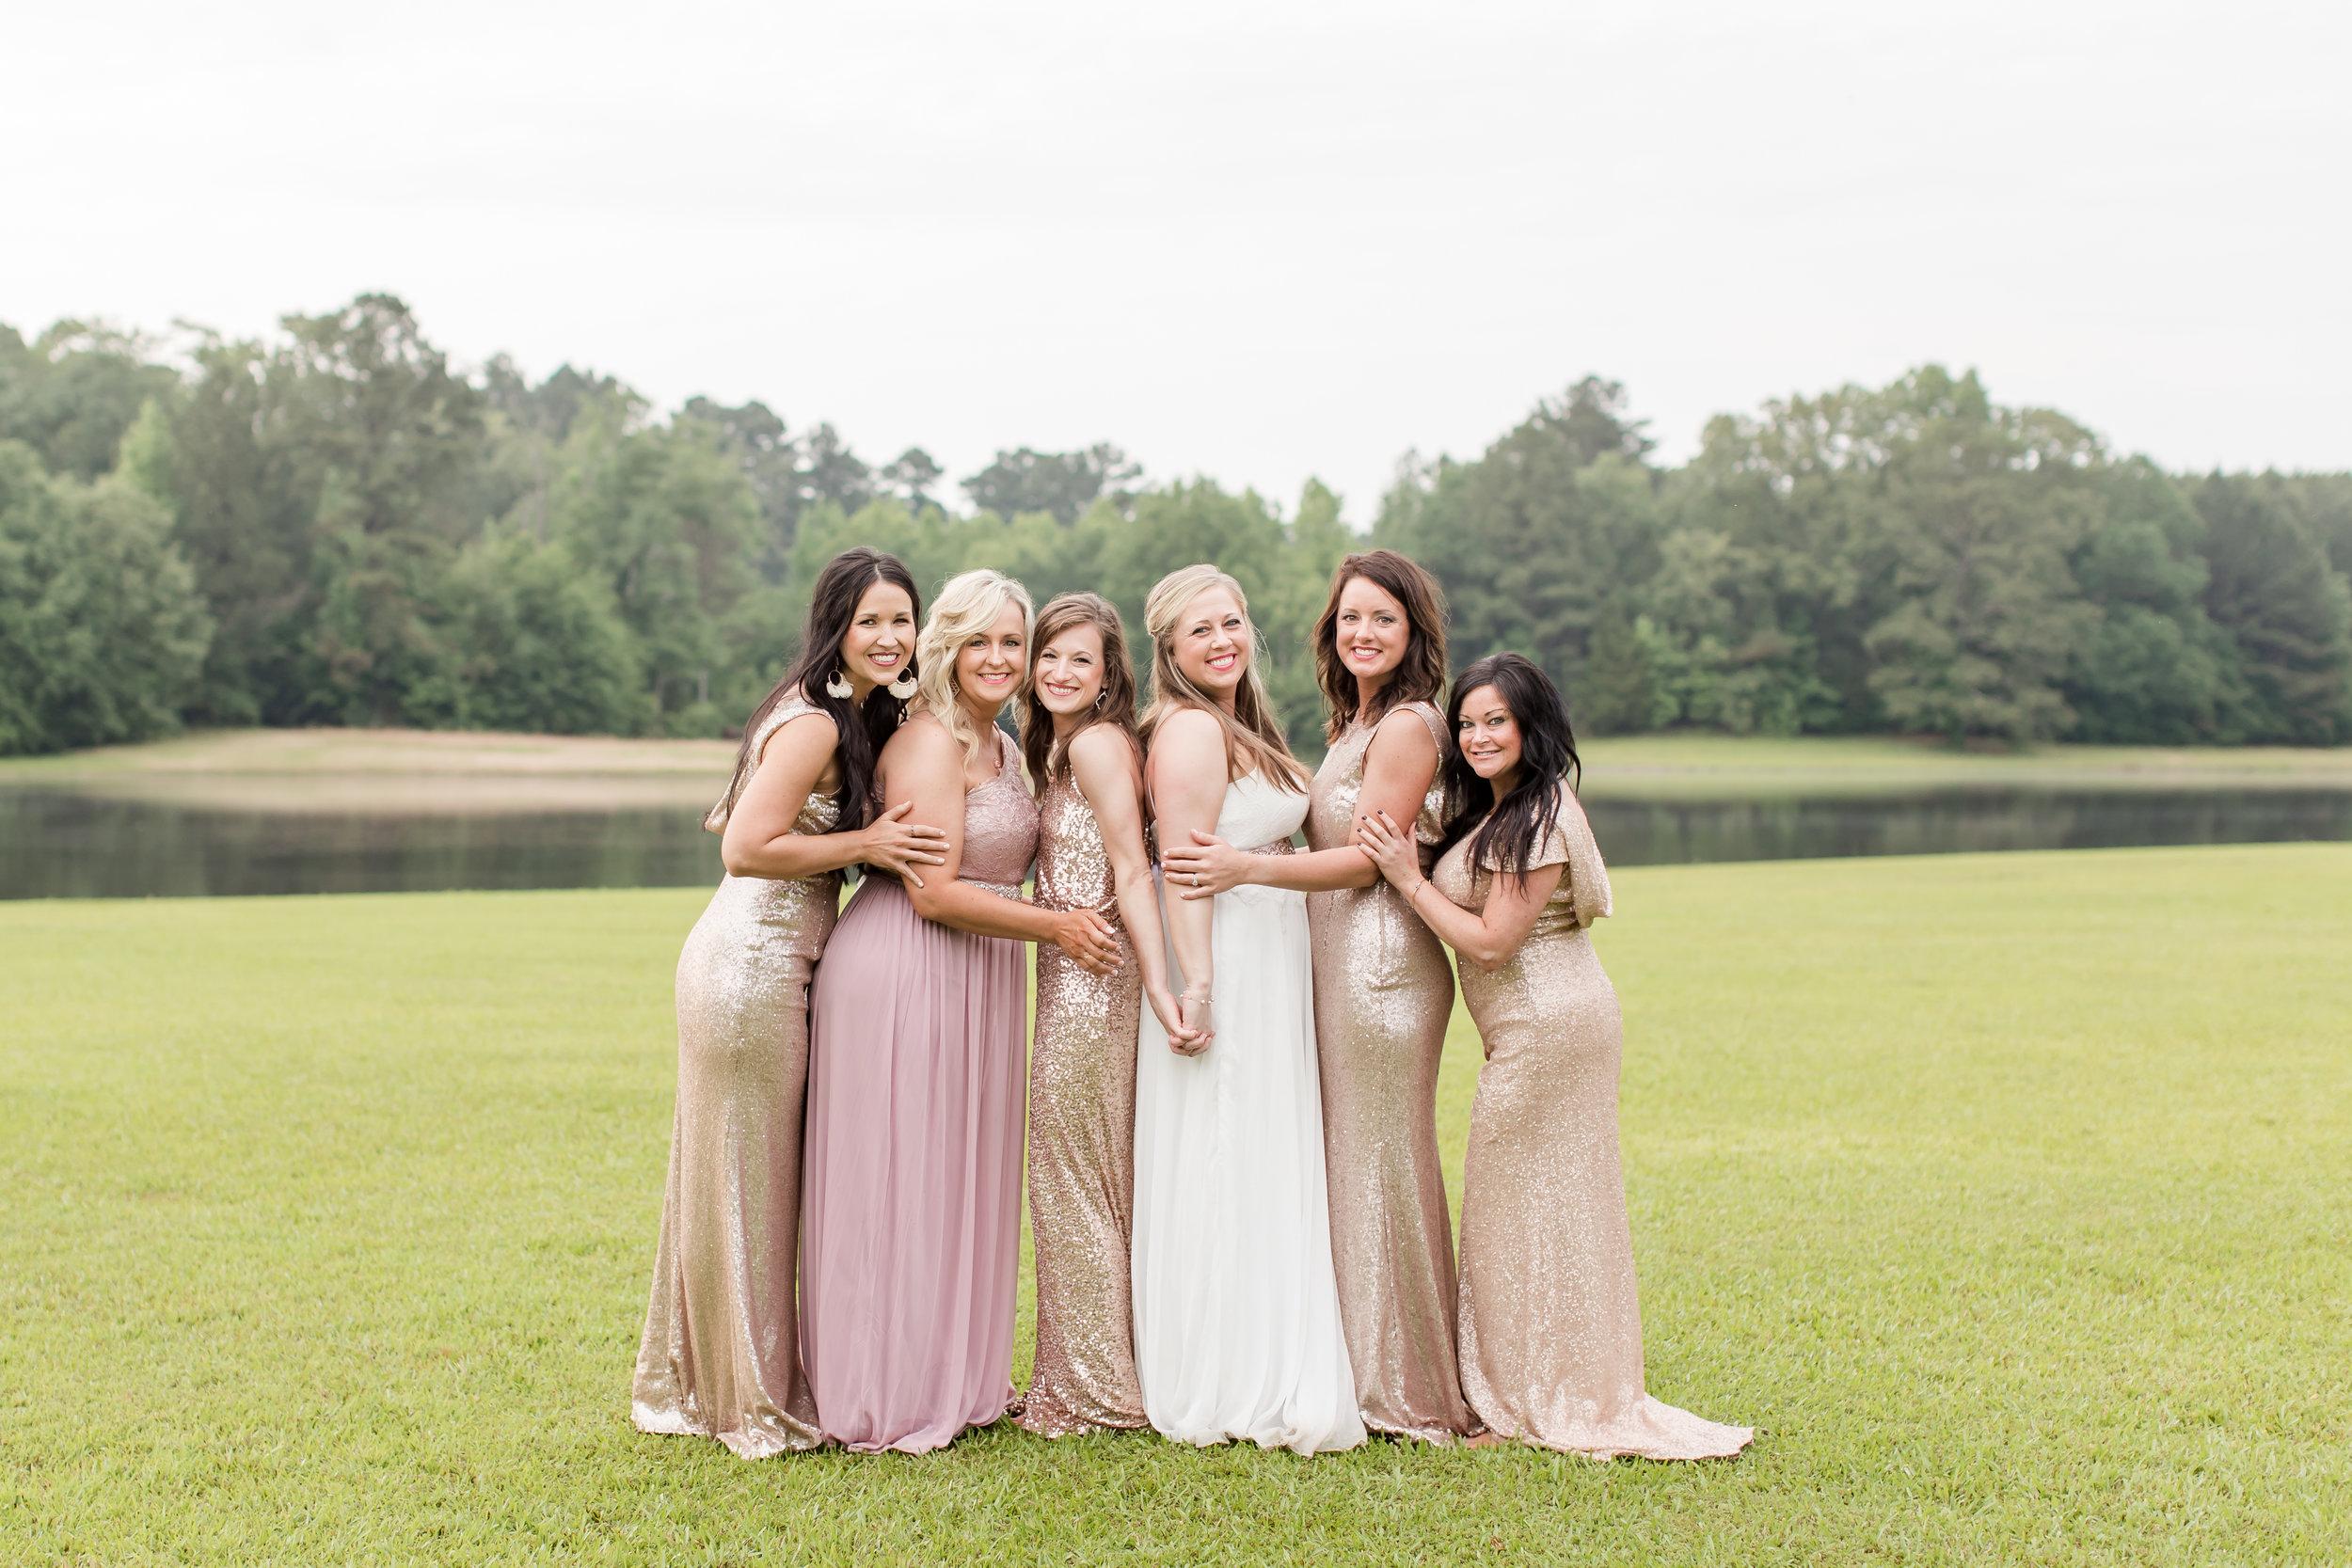 beckum bridesmaids.jpg